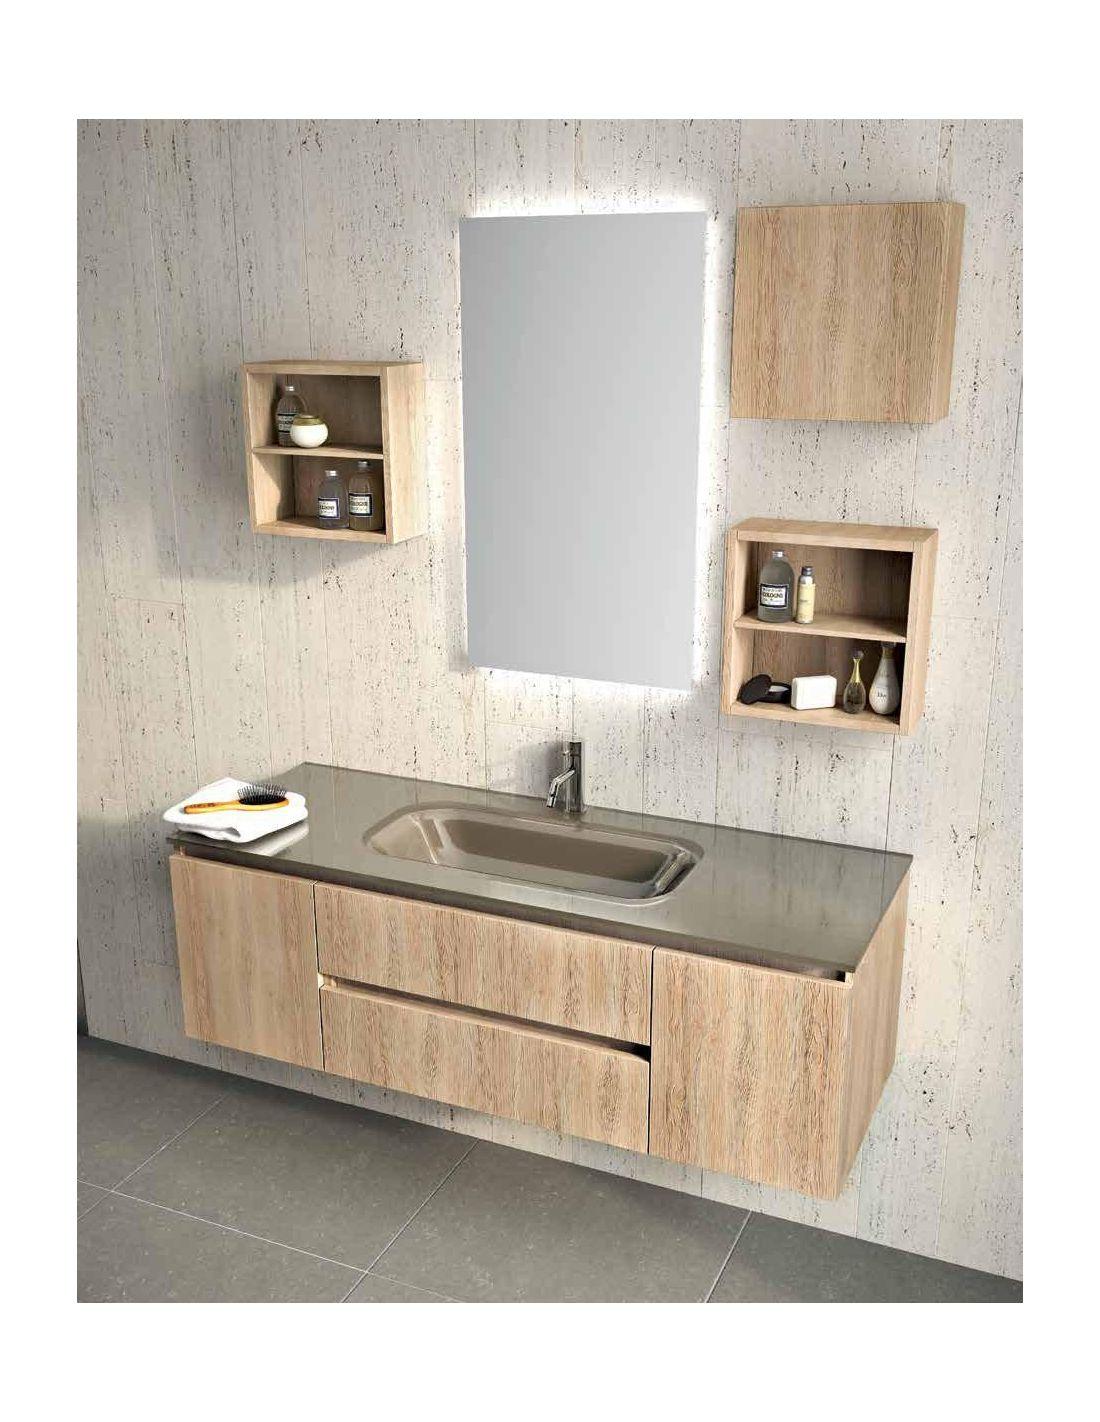 1 composizione arredo bagno in legno rovere - Composizione Arredo Bagno